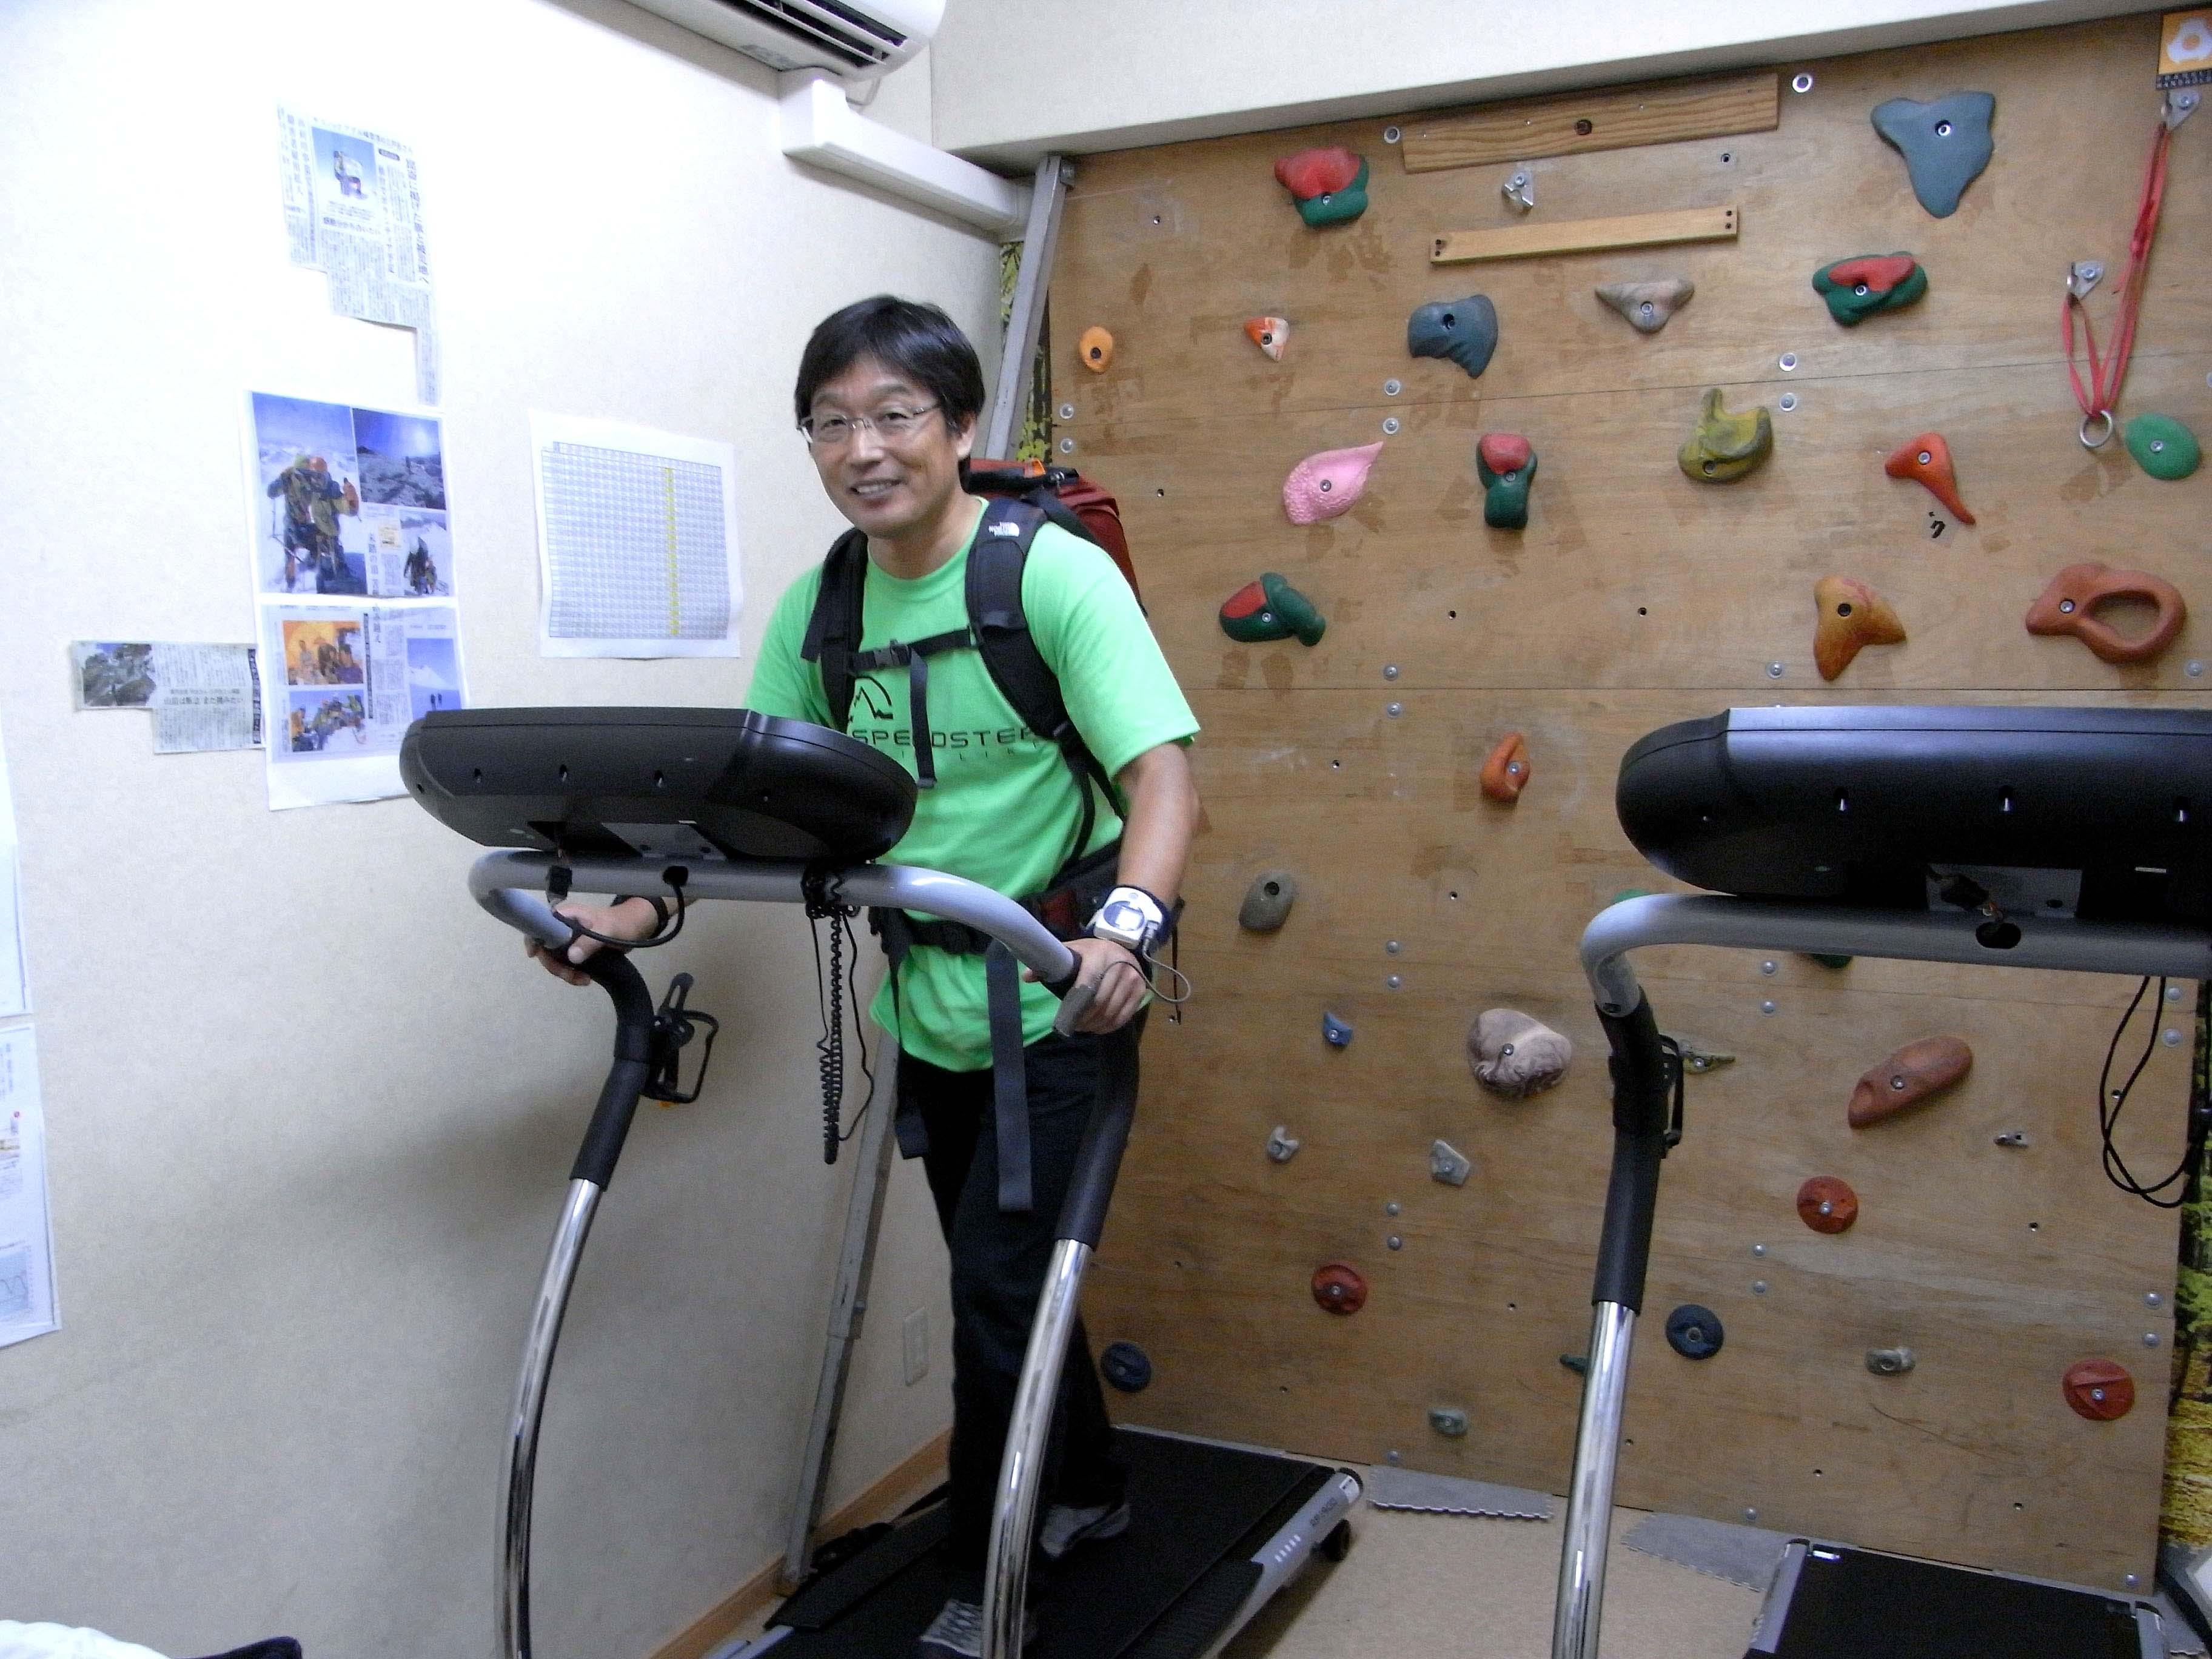 ミウラベースの低酸素室でトレーニング中。楽そうに見えるがけっこうツライ